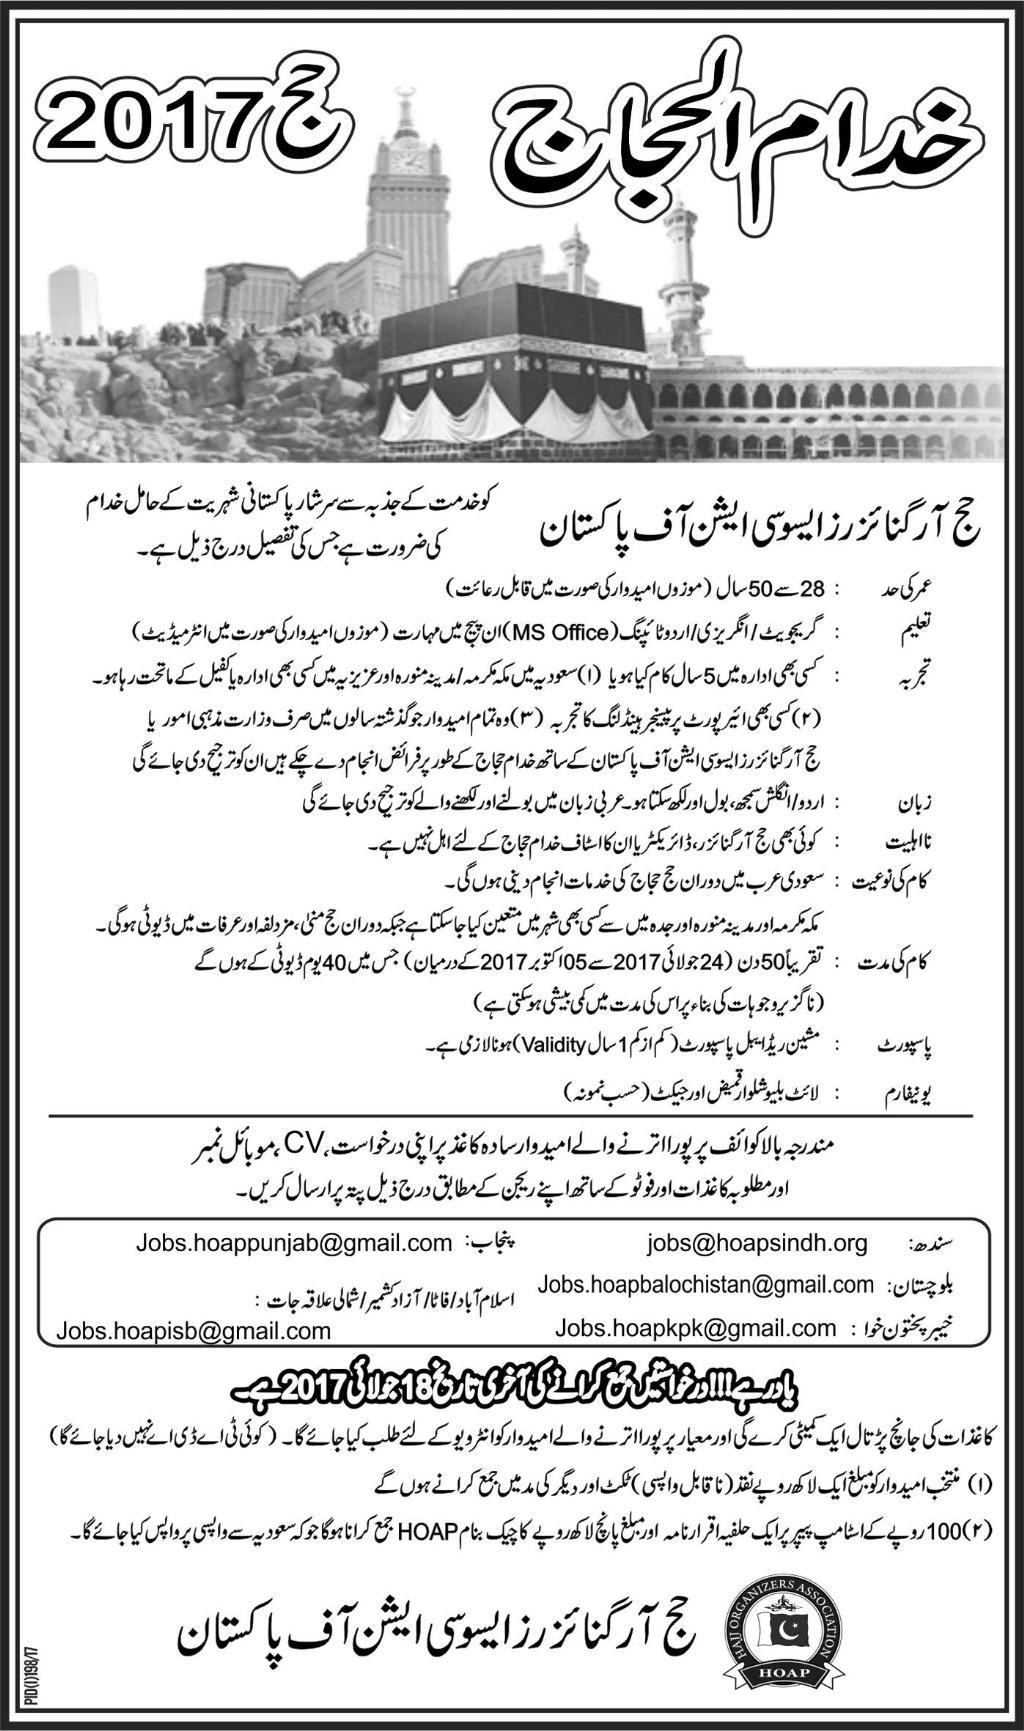 Khuddam Ul Hujjaj 2017 Requirement for Hajj 2017